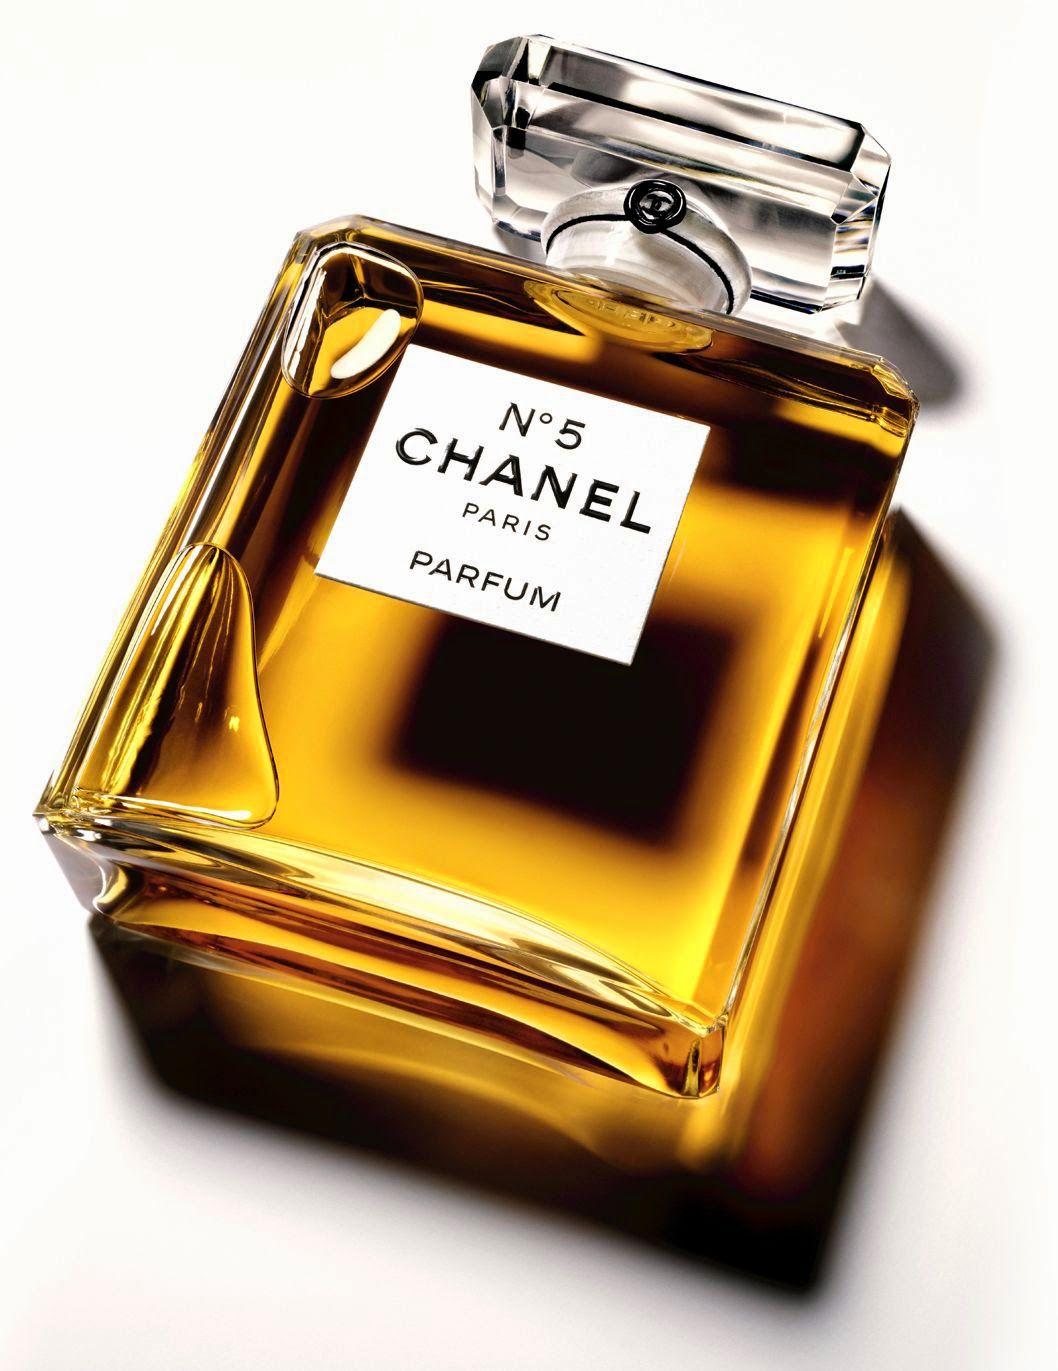 ג'יזל בונדשן הפנים החדשות של הבושם CHANNEL 5(이미지 포함